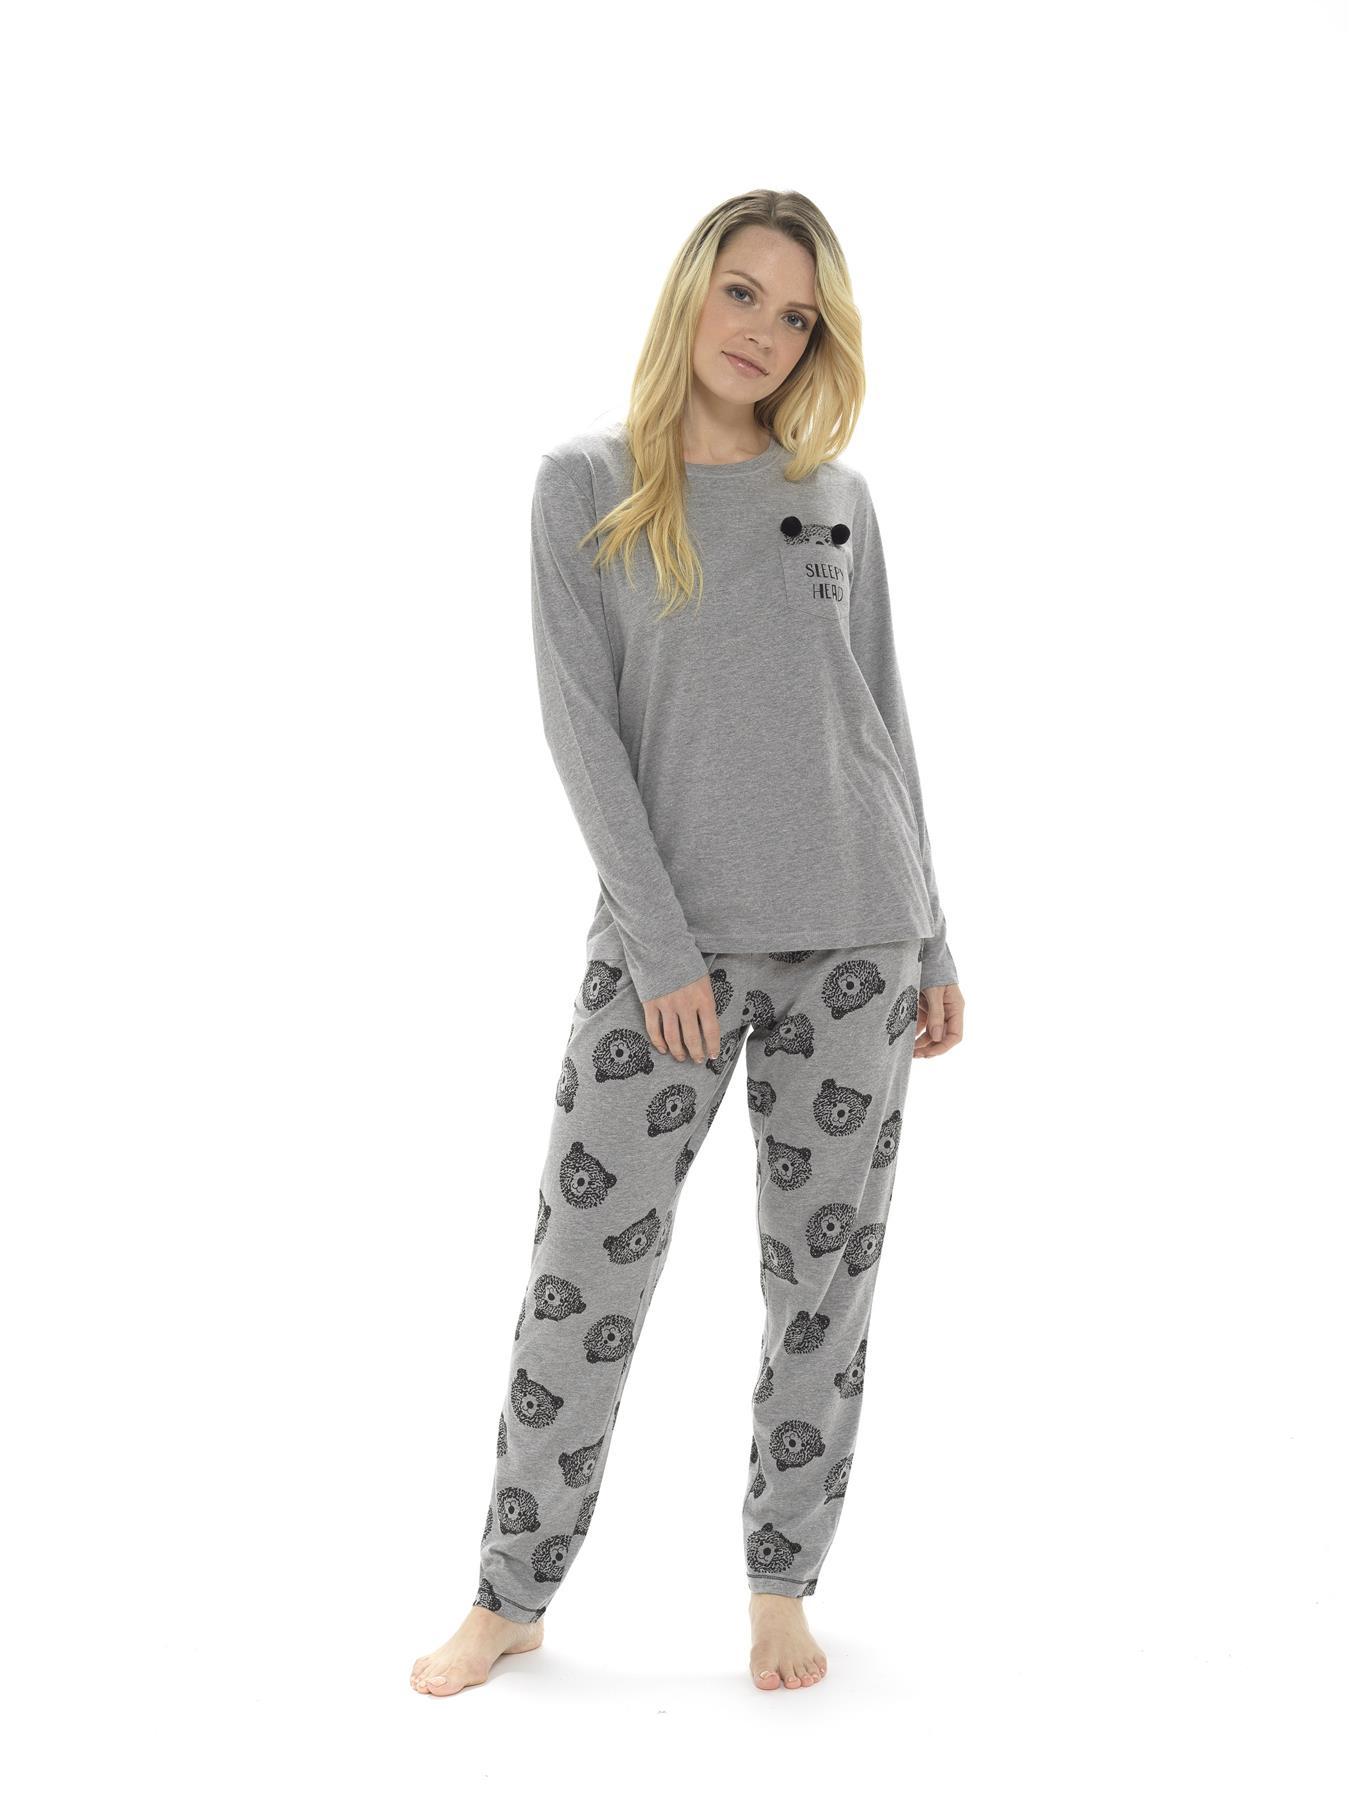 Femmes coton viscose Nouveauté Imprimé Pyjama Llama bear CHAT PANDA FUN Slogans